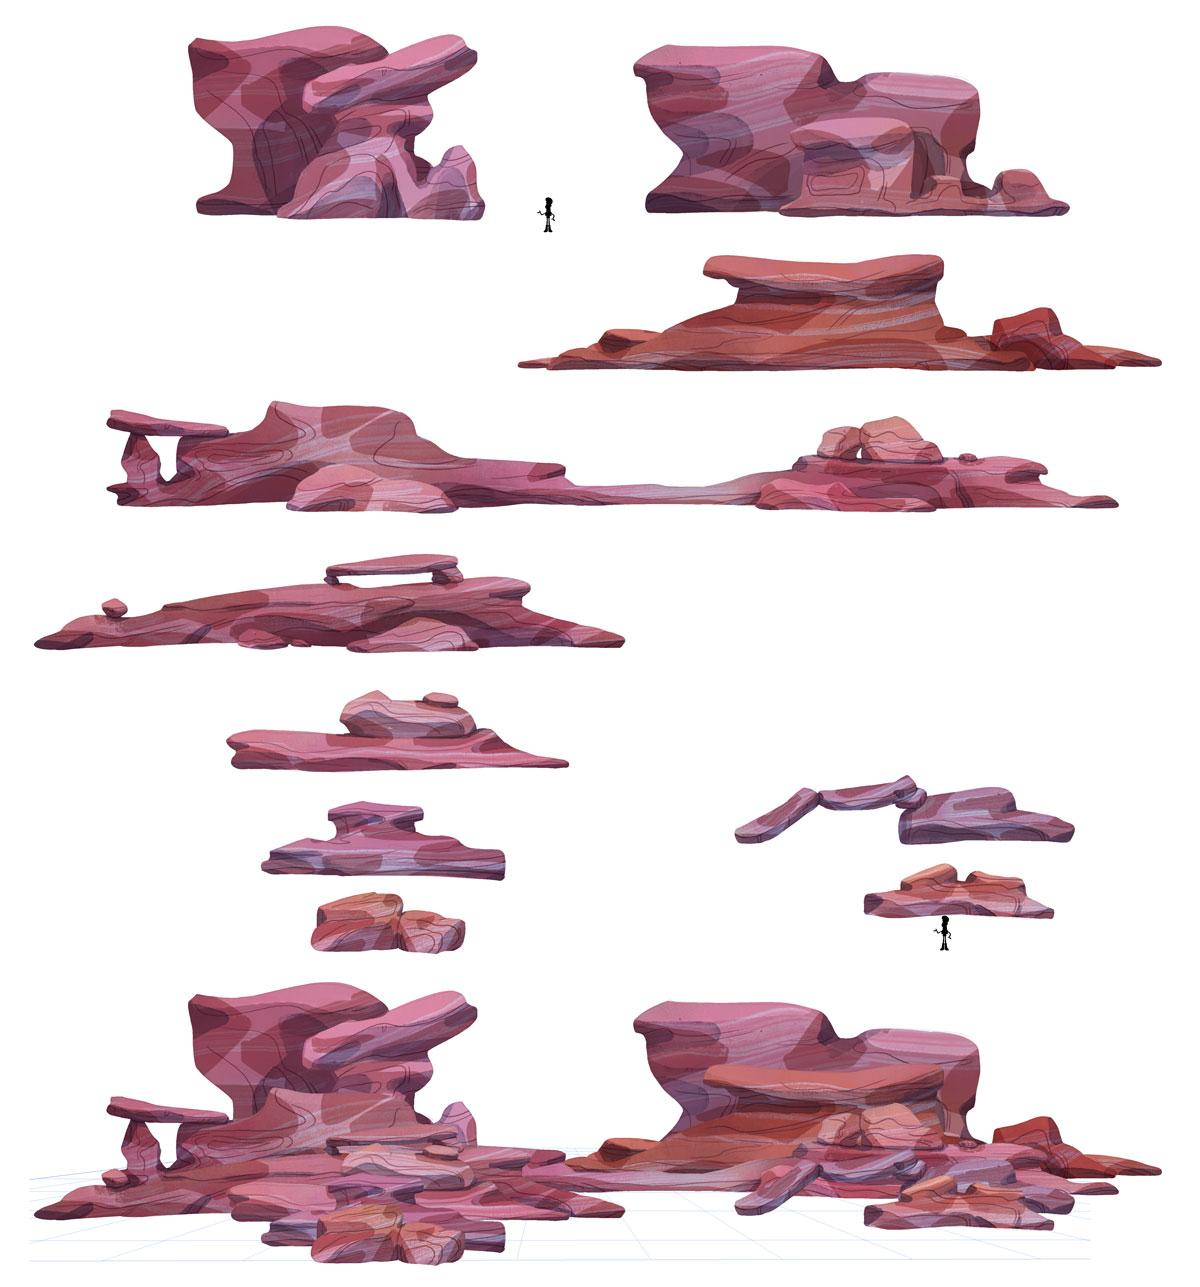 17_Landscape_Assets_Set_06.jpg